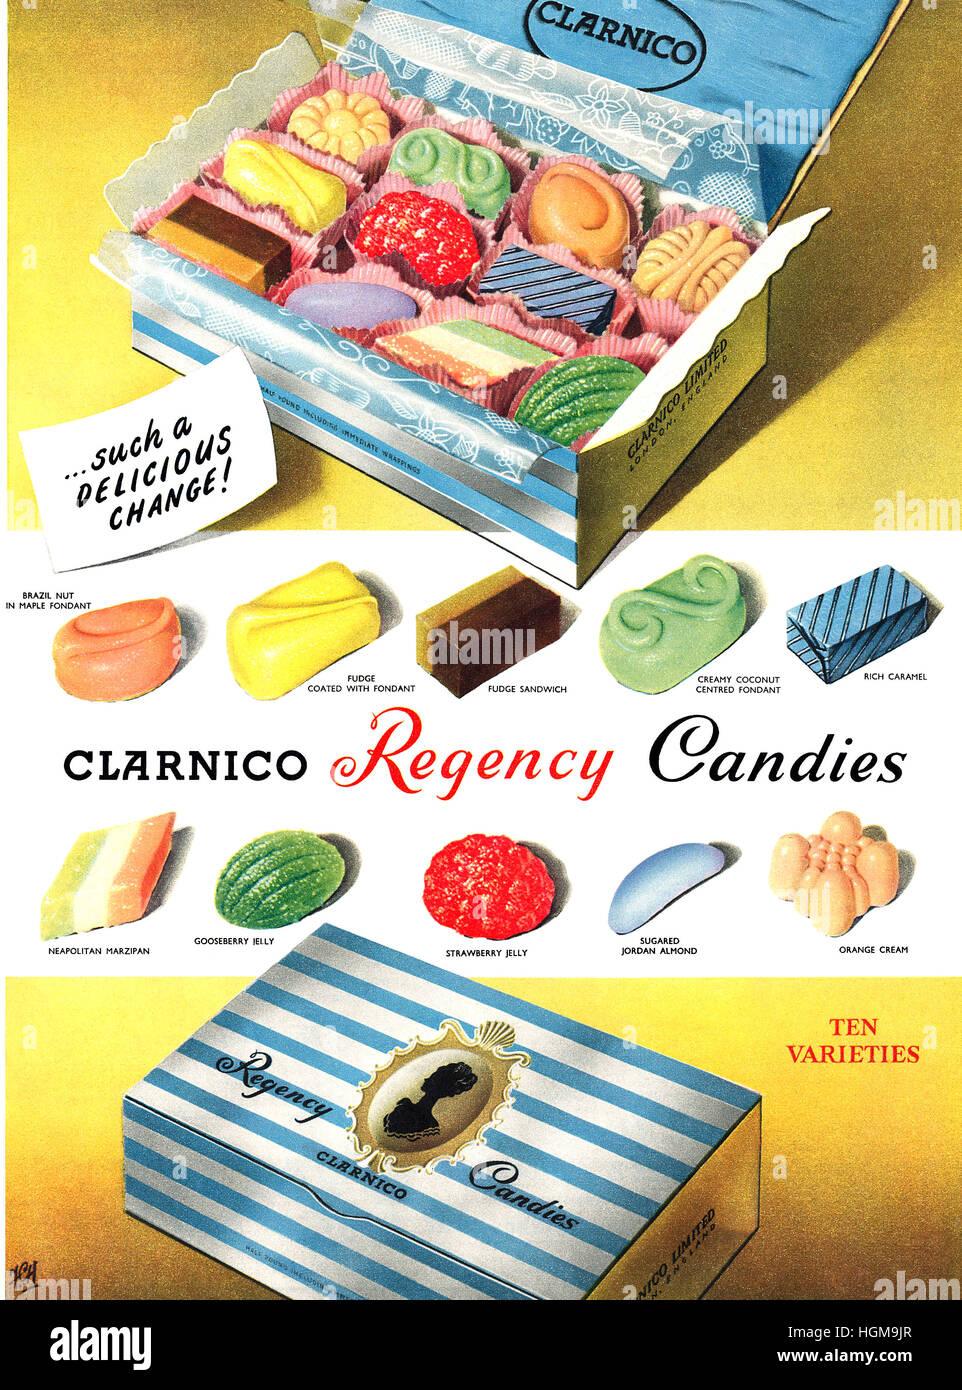 1953 anuncio británico para Clarnico Regency caramelos Imagen De Stock